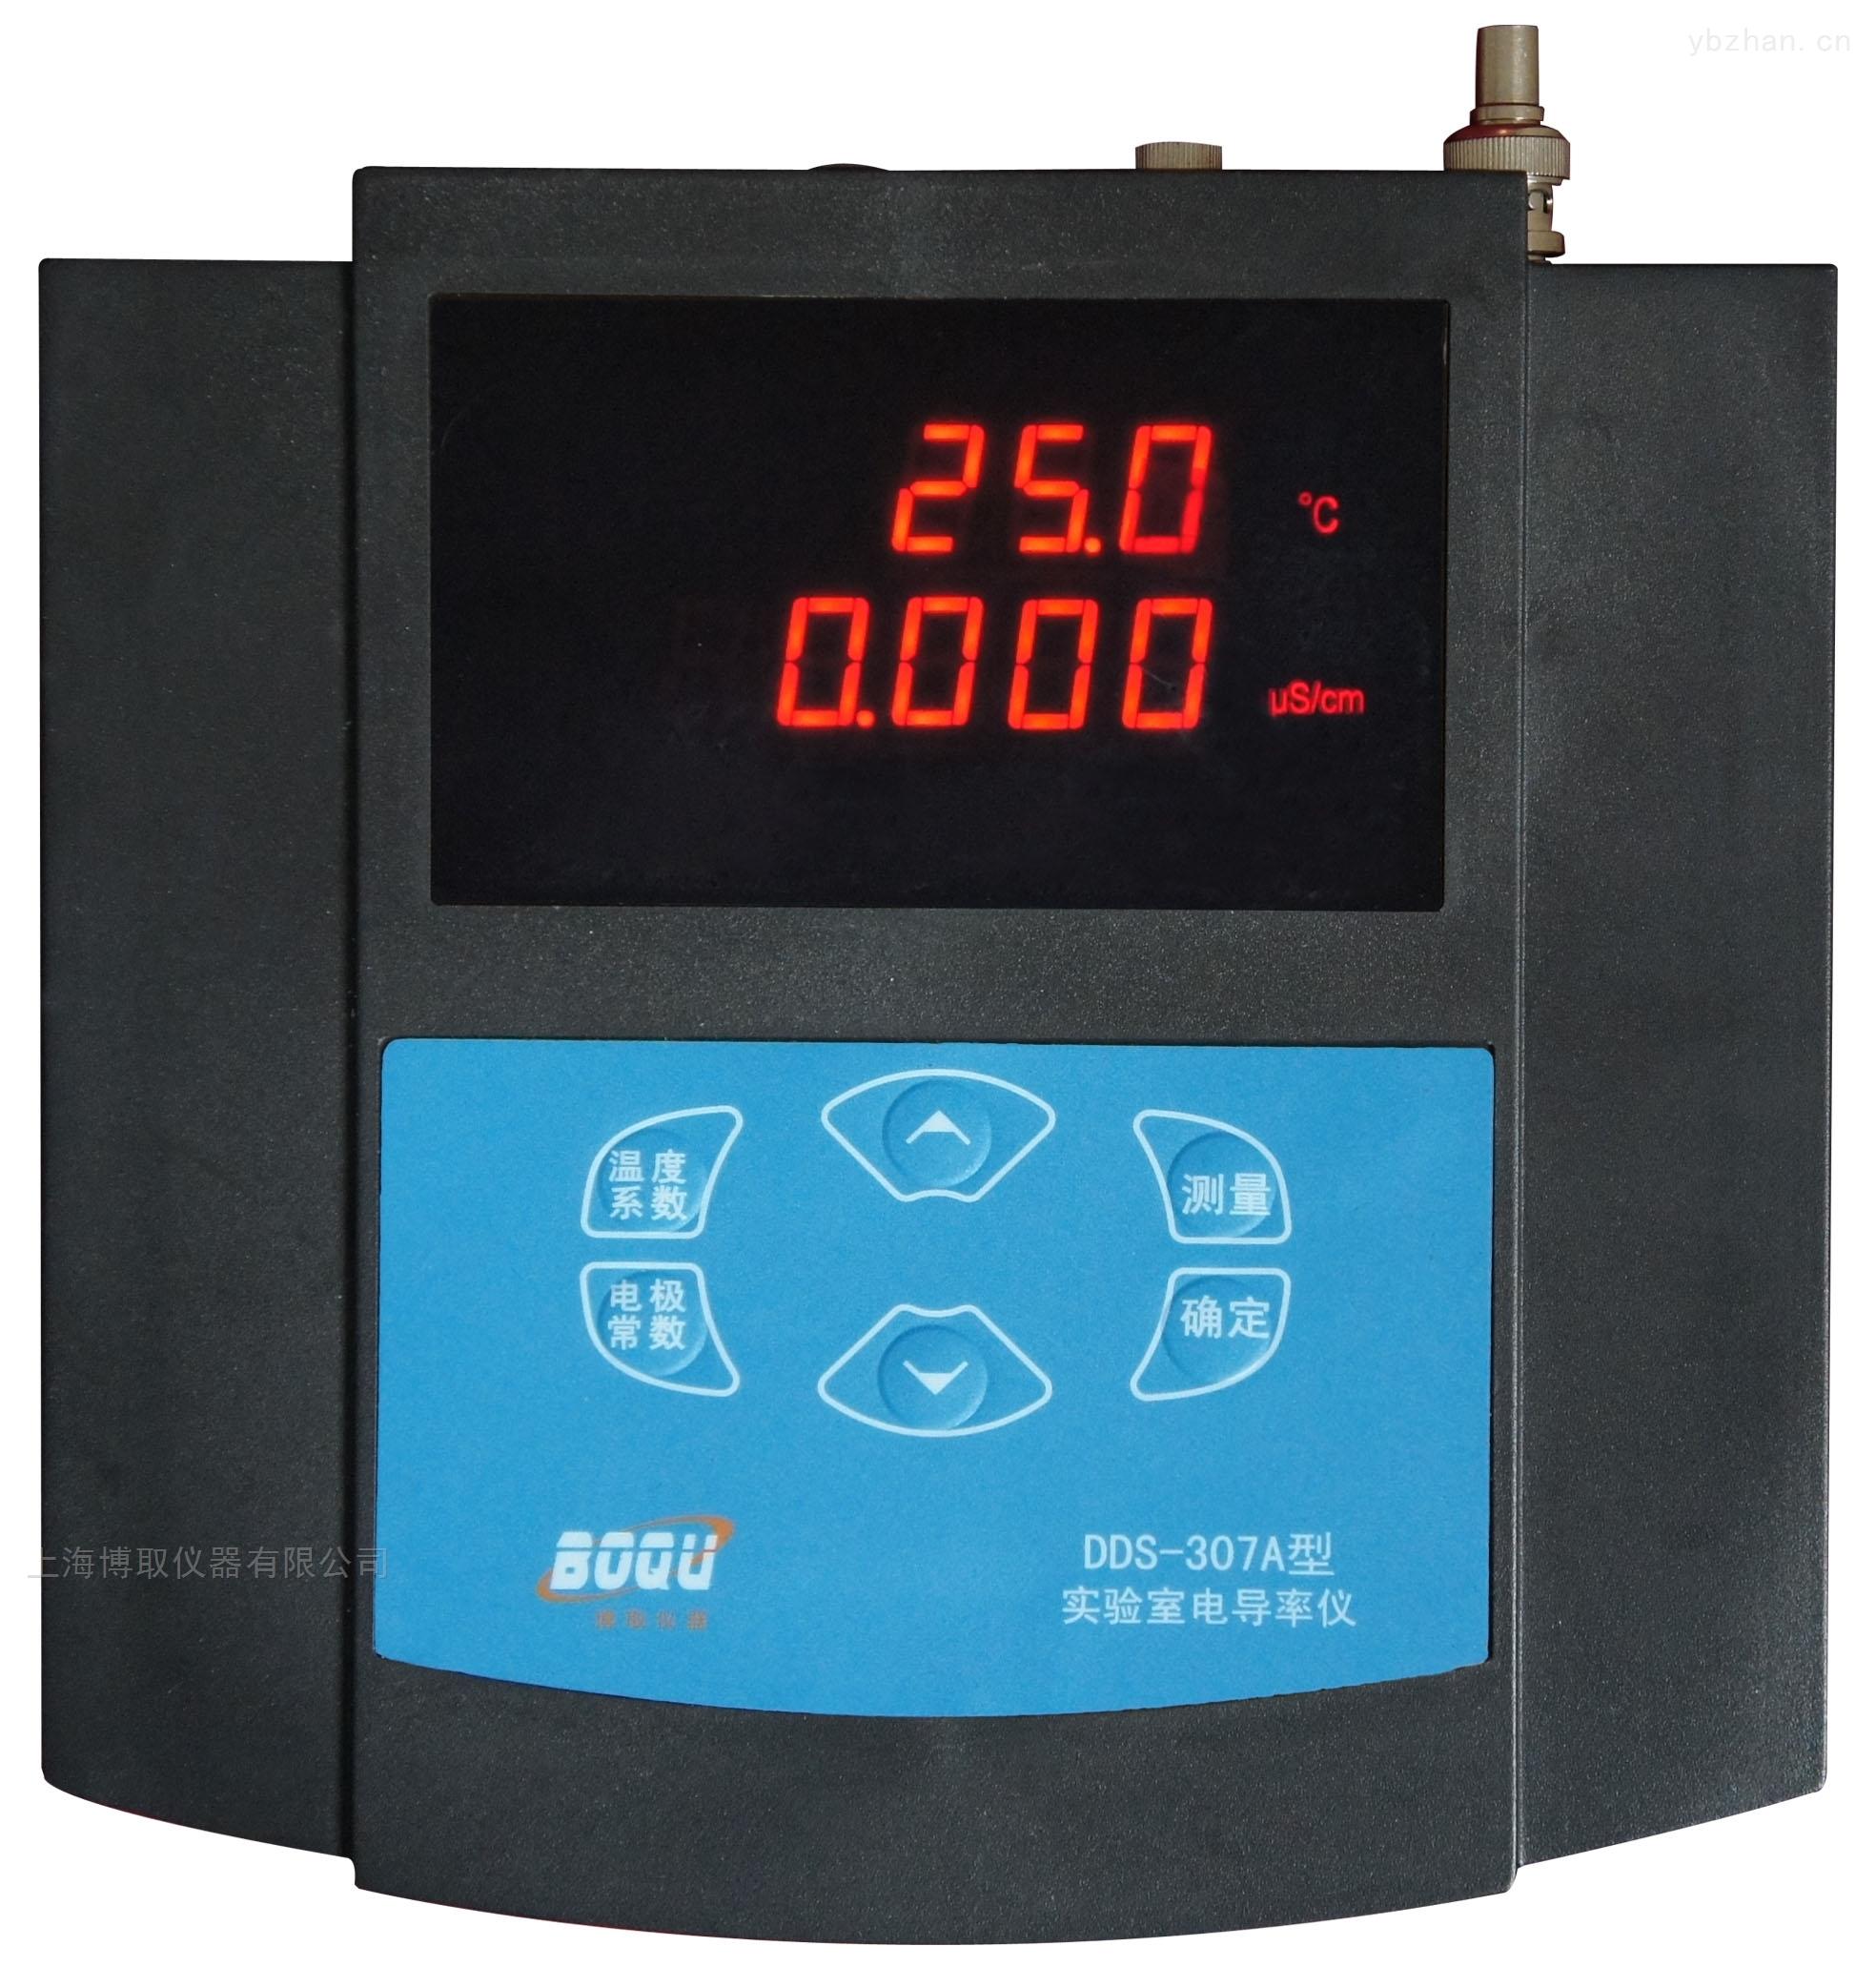 DDS-307A-实验室电导率分析仪应用